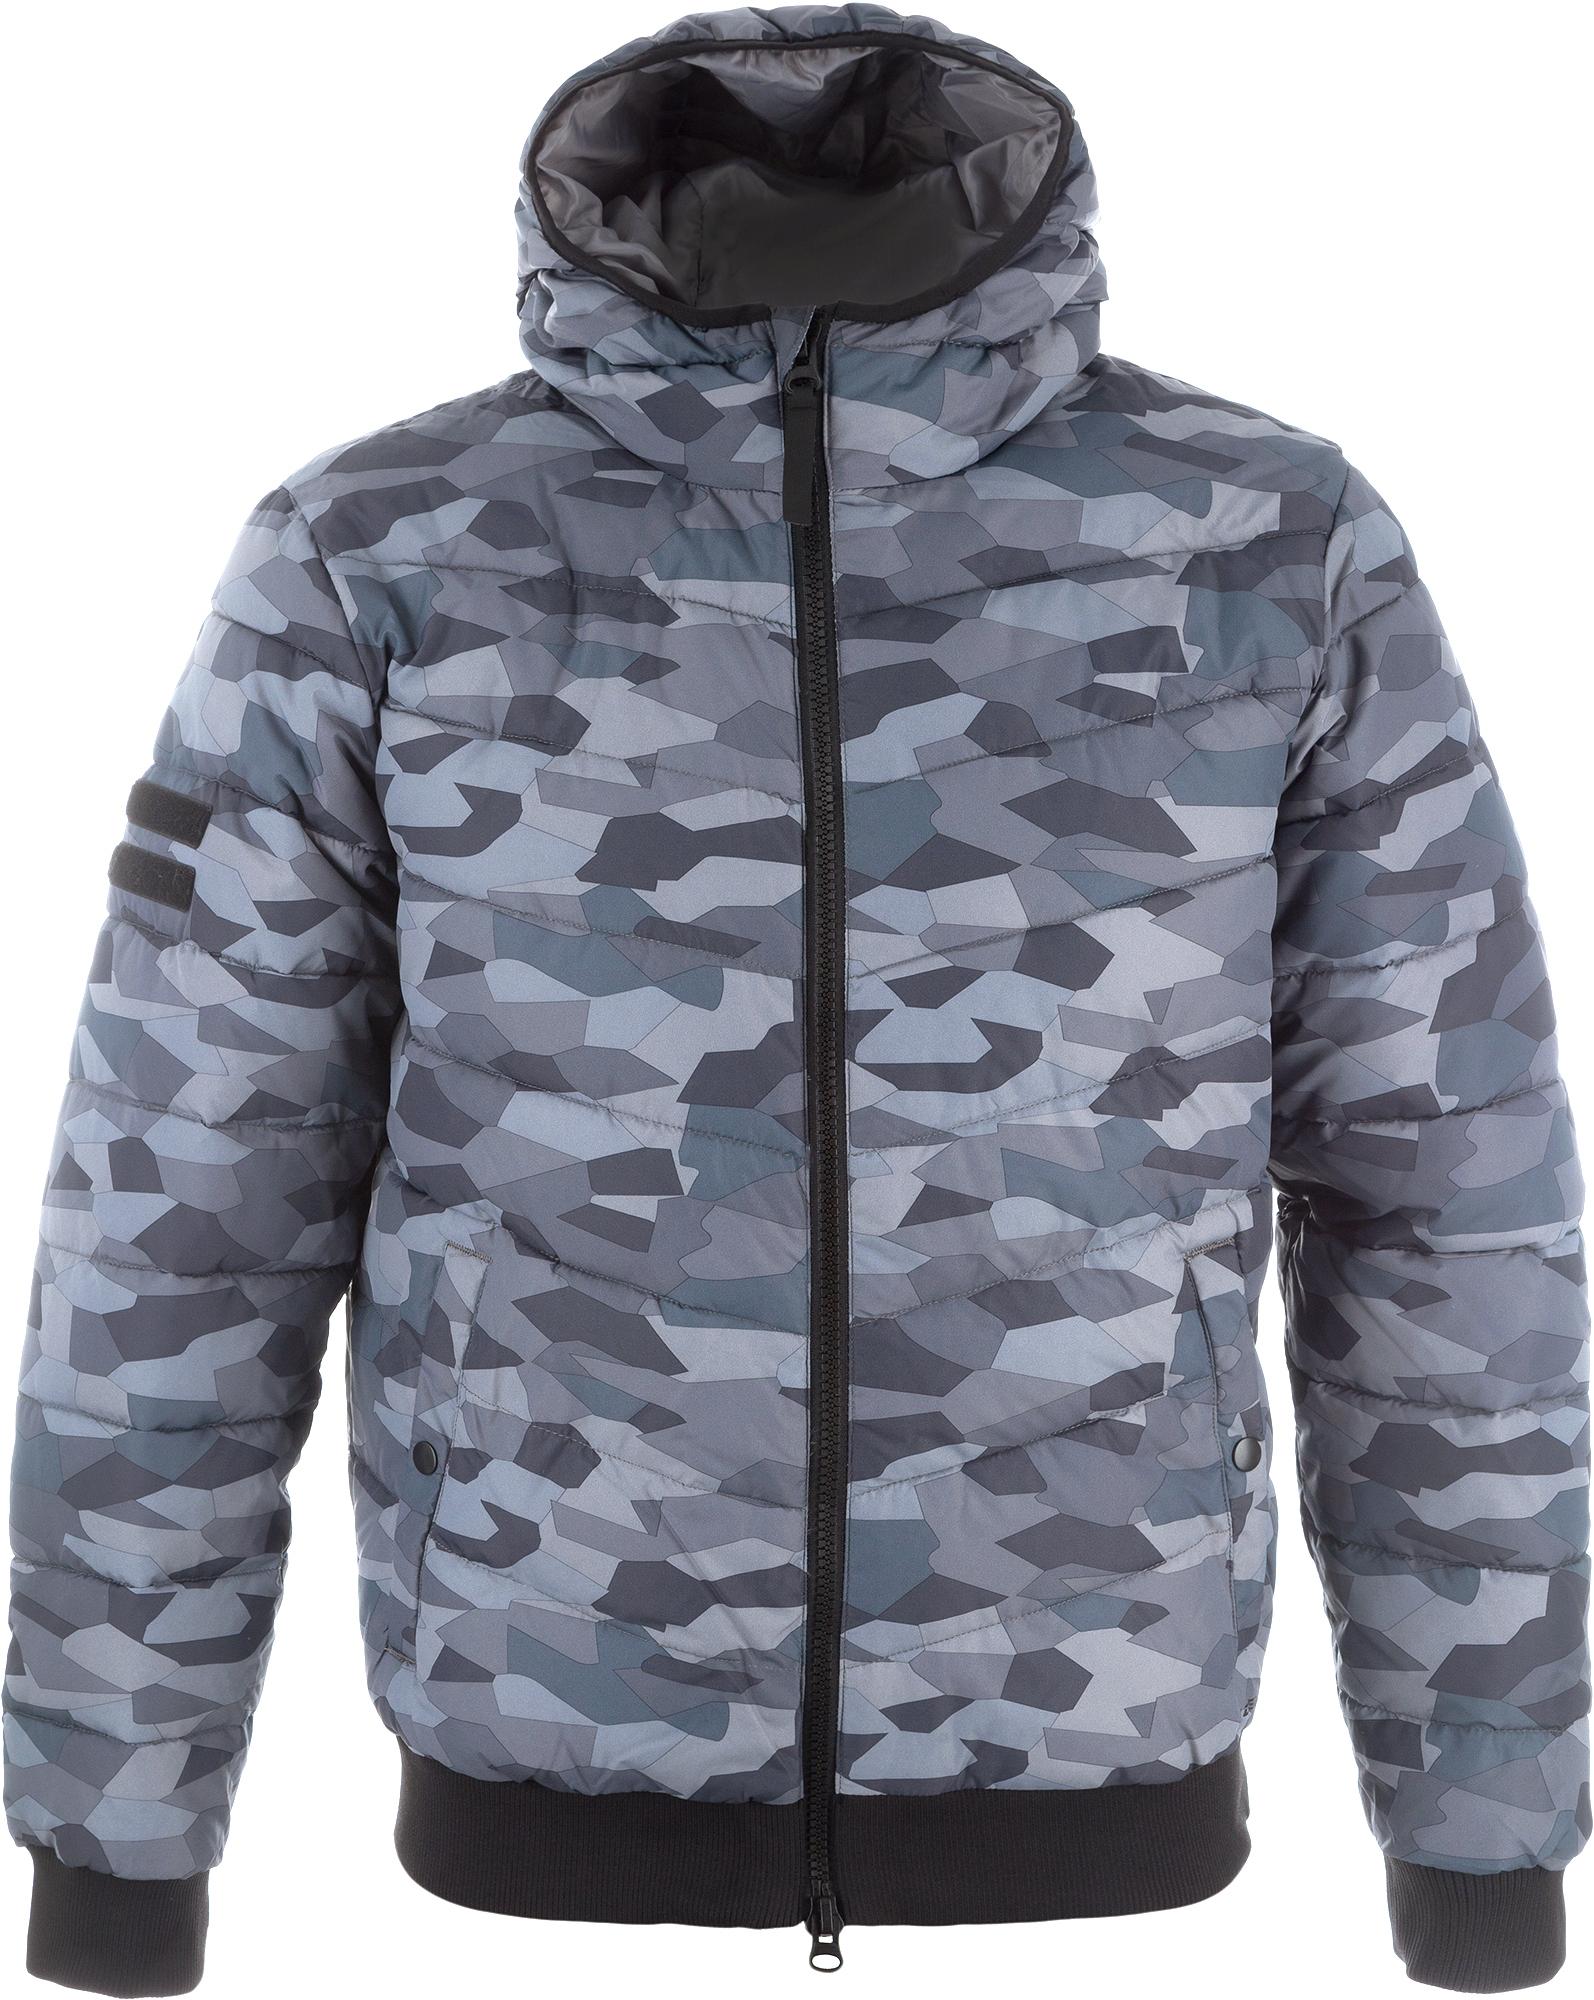 Demix Куртка пуховая мужская Demix дешевая мужская обувь в екатеринбурге